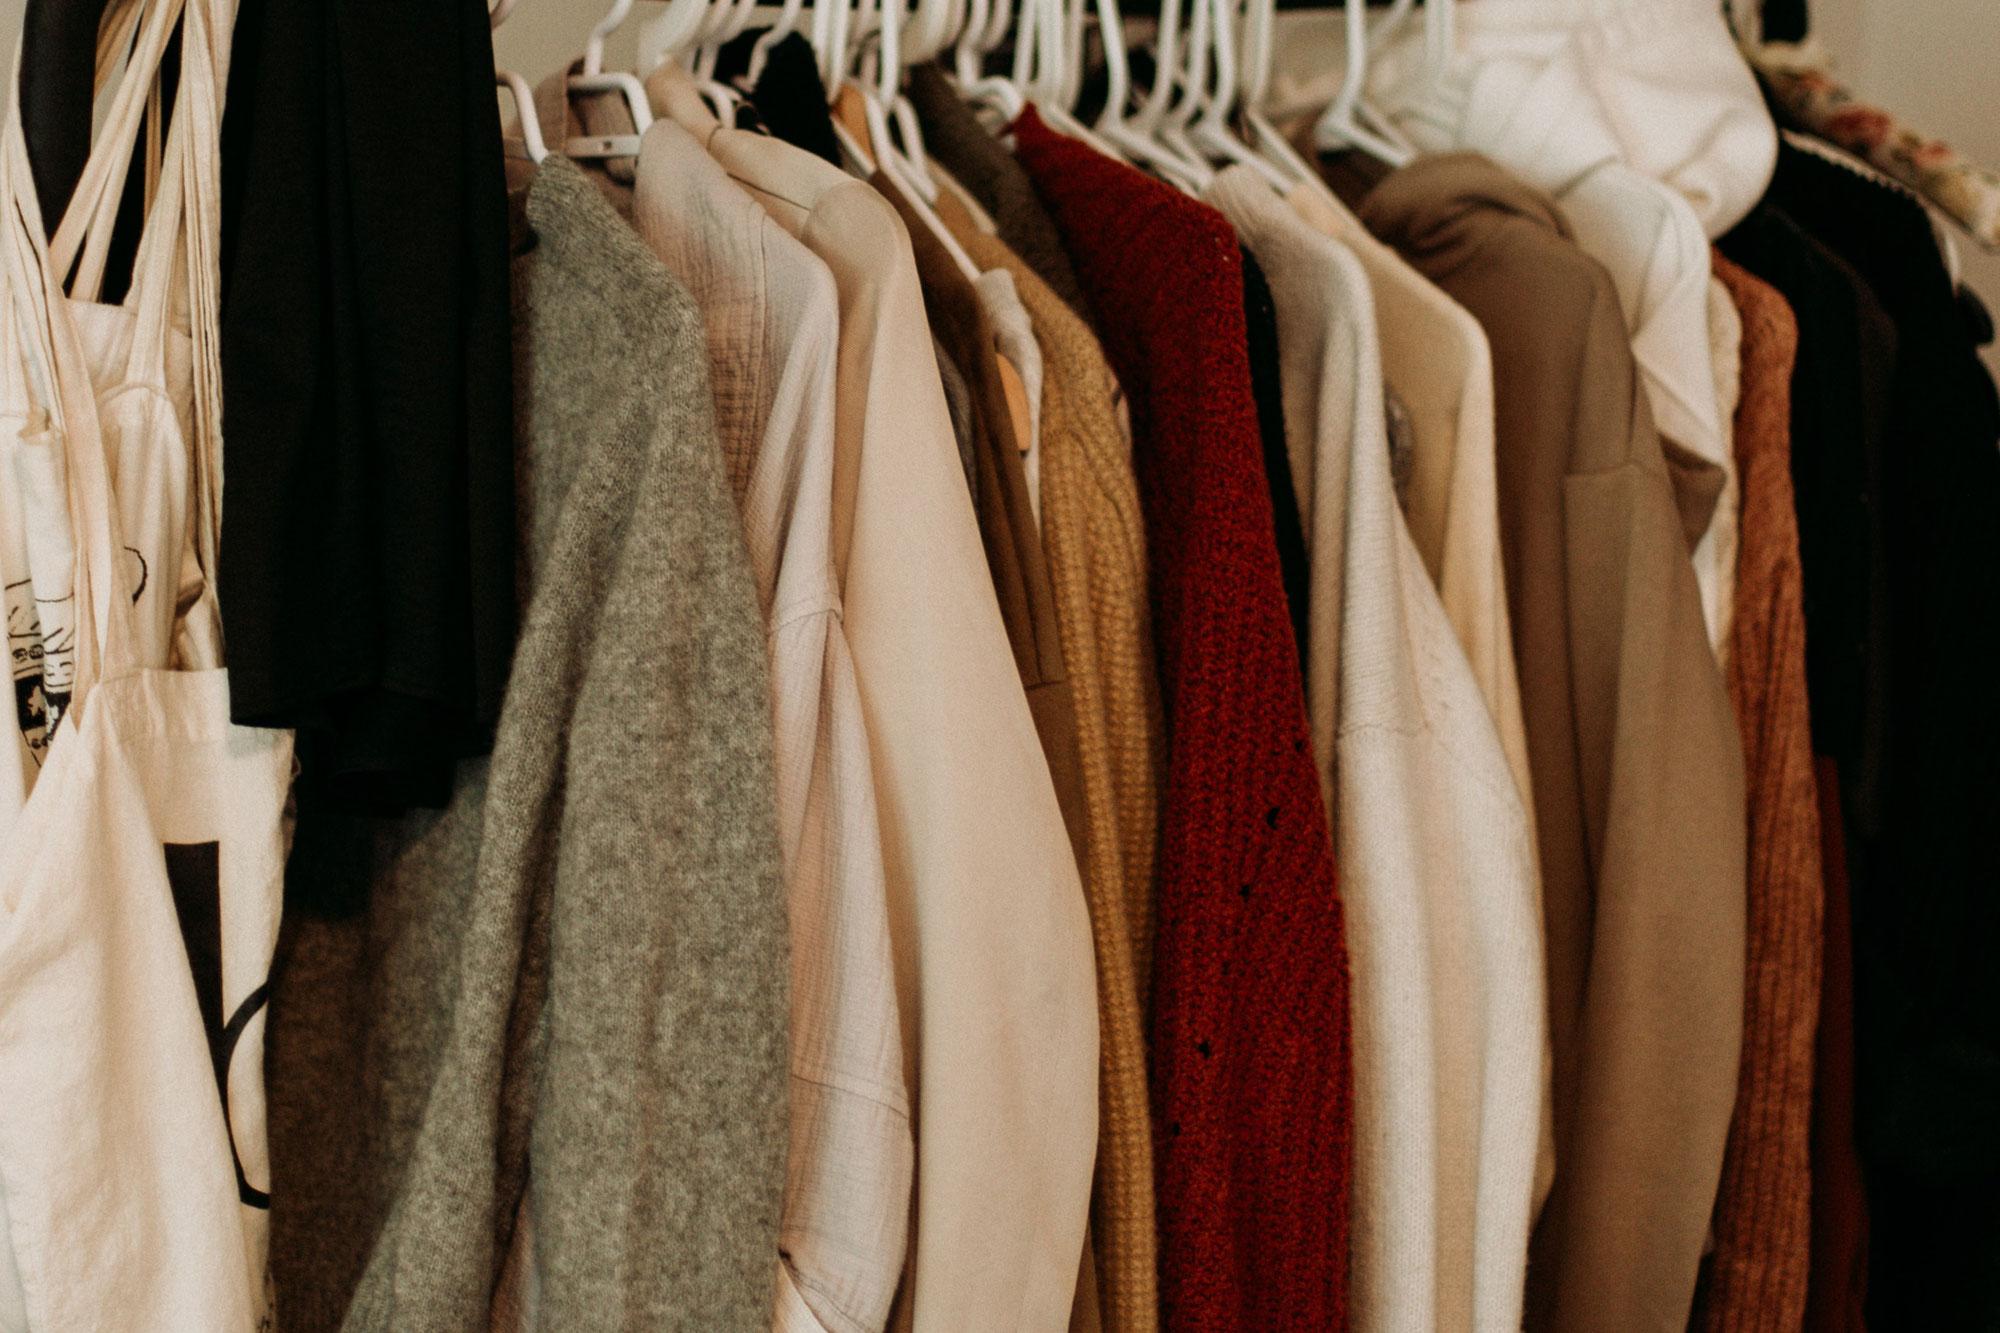 暖かくなったら衣類の入れ替えの時期、みなさんはどうしてますか??